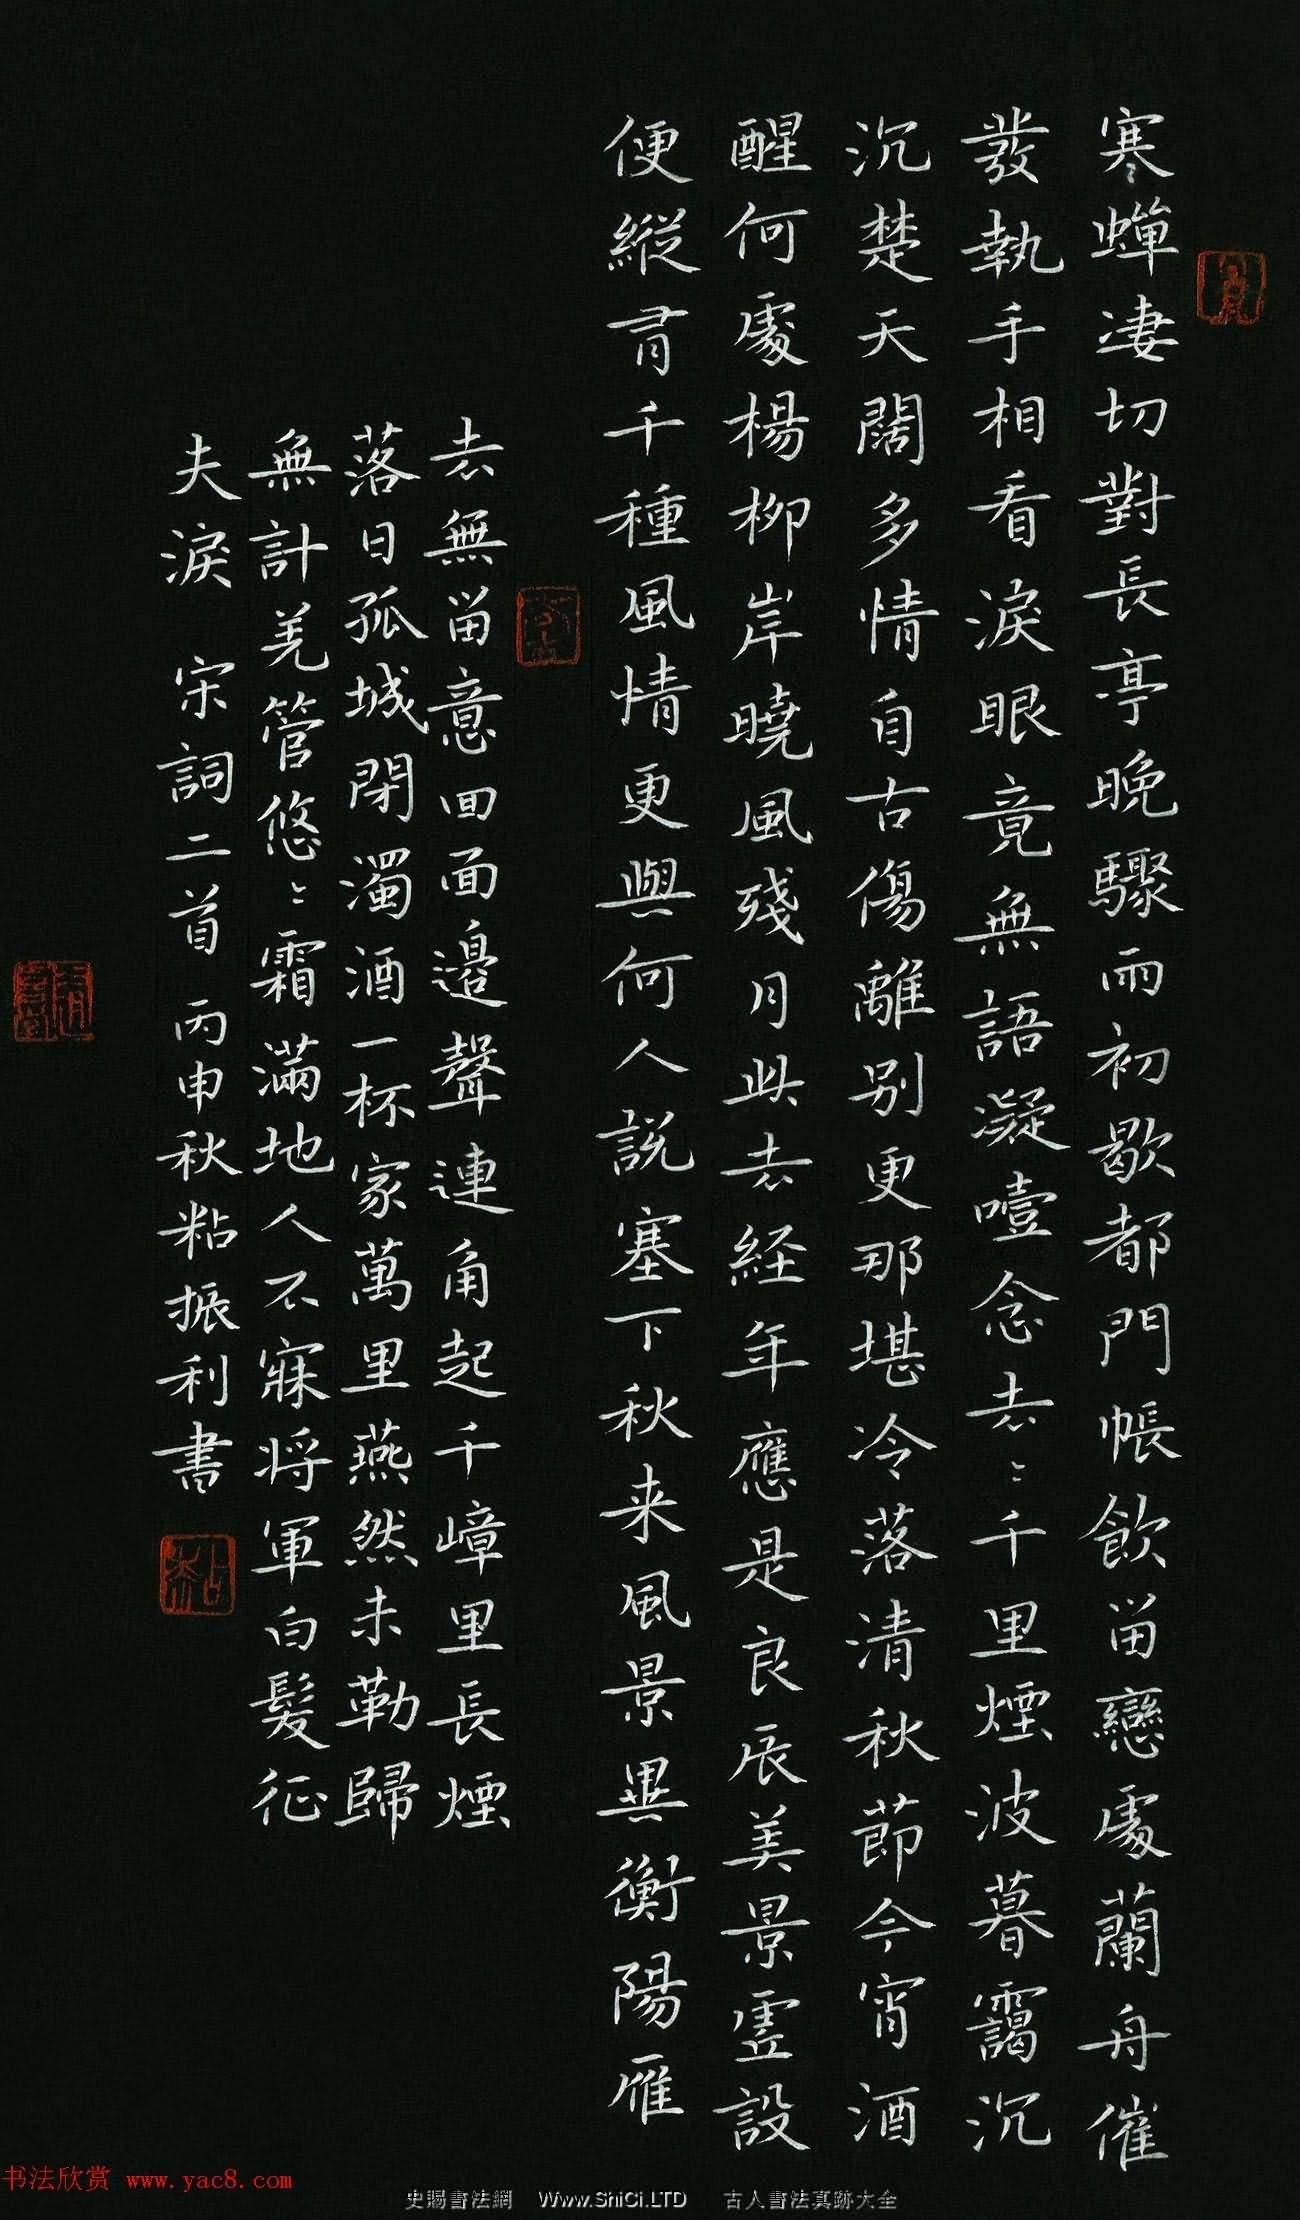 品翰堂杯第三屆中國硬筆書法大賽銀獎作品